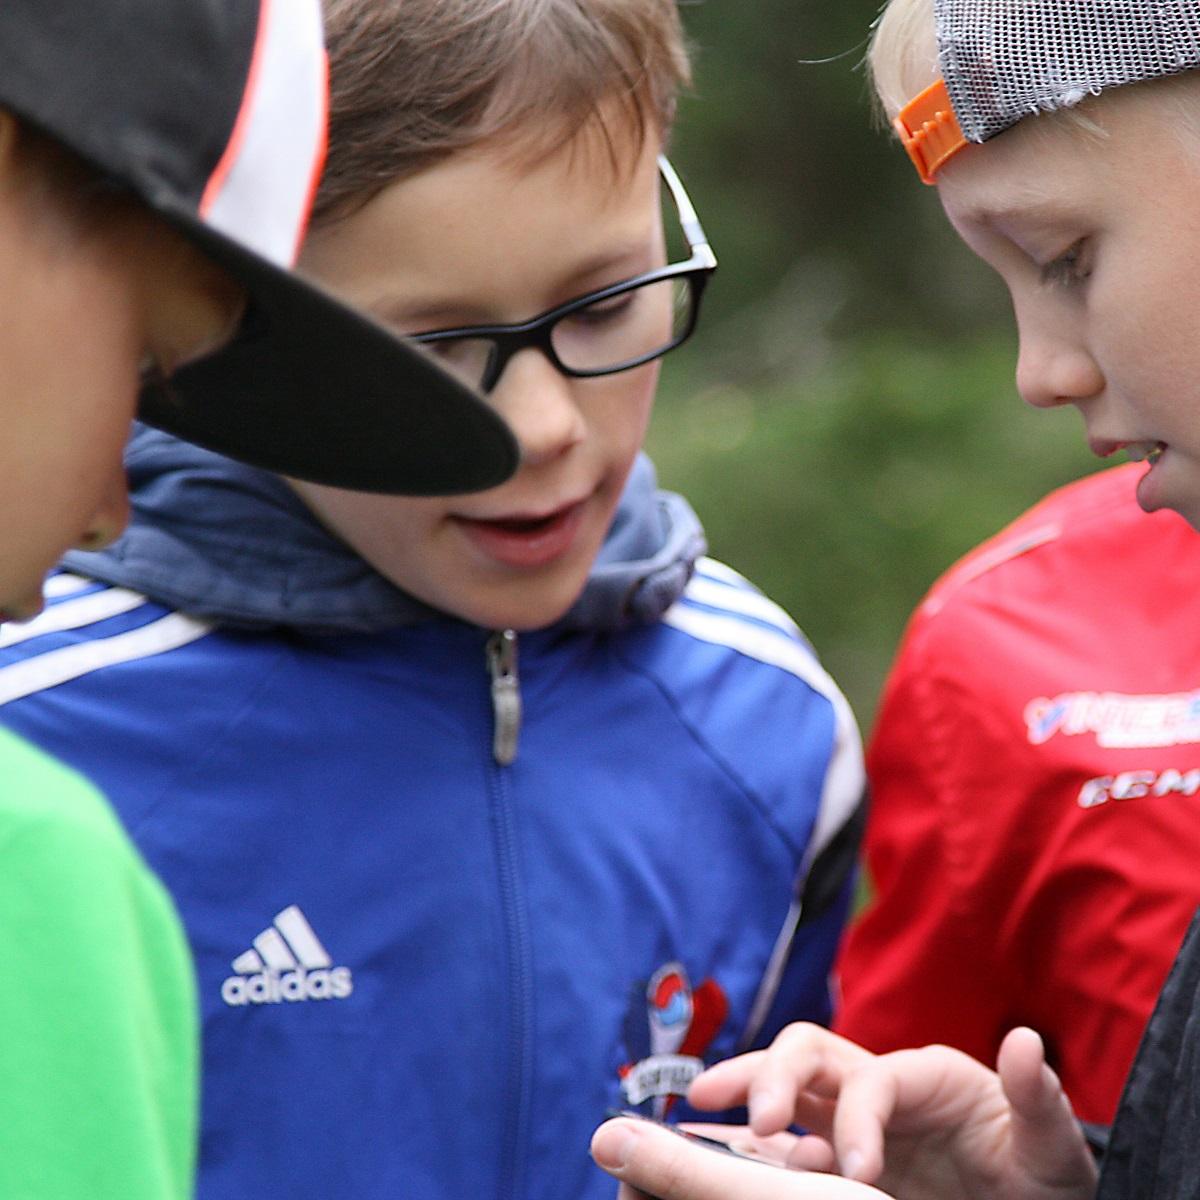 4fc1844b Vill du ge dina elever en chans att träna svenska under en fartylld utedag  i närmiljön? Vi vill göra svenskan konkret och rolig för eleverna samt